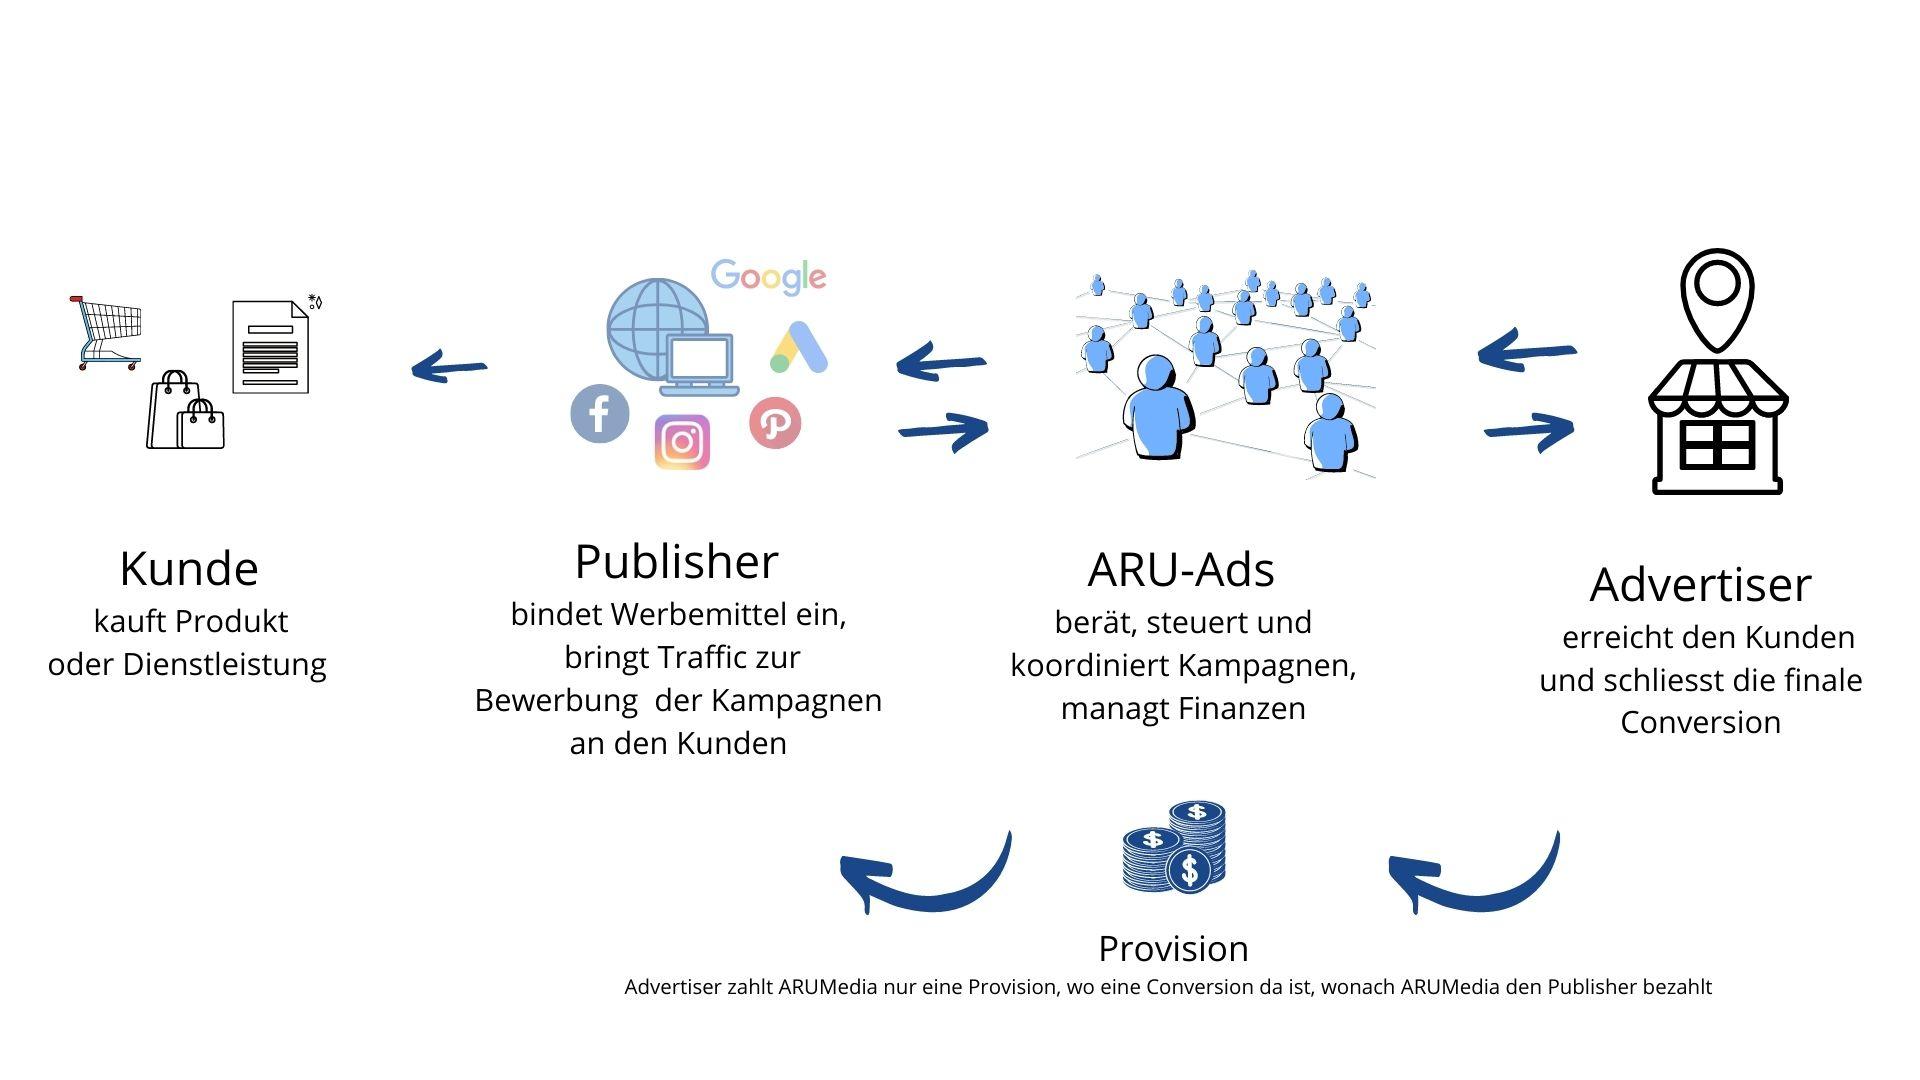 arumedia affiliate netzwerk